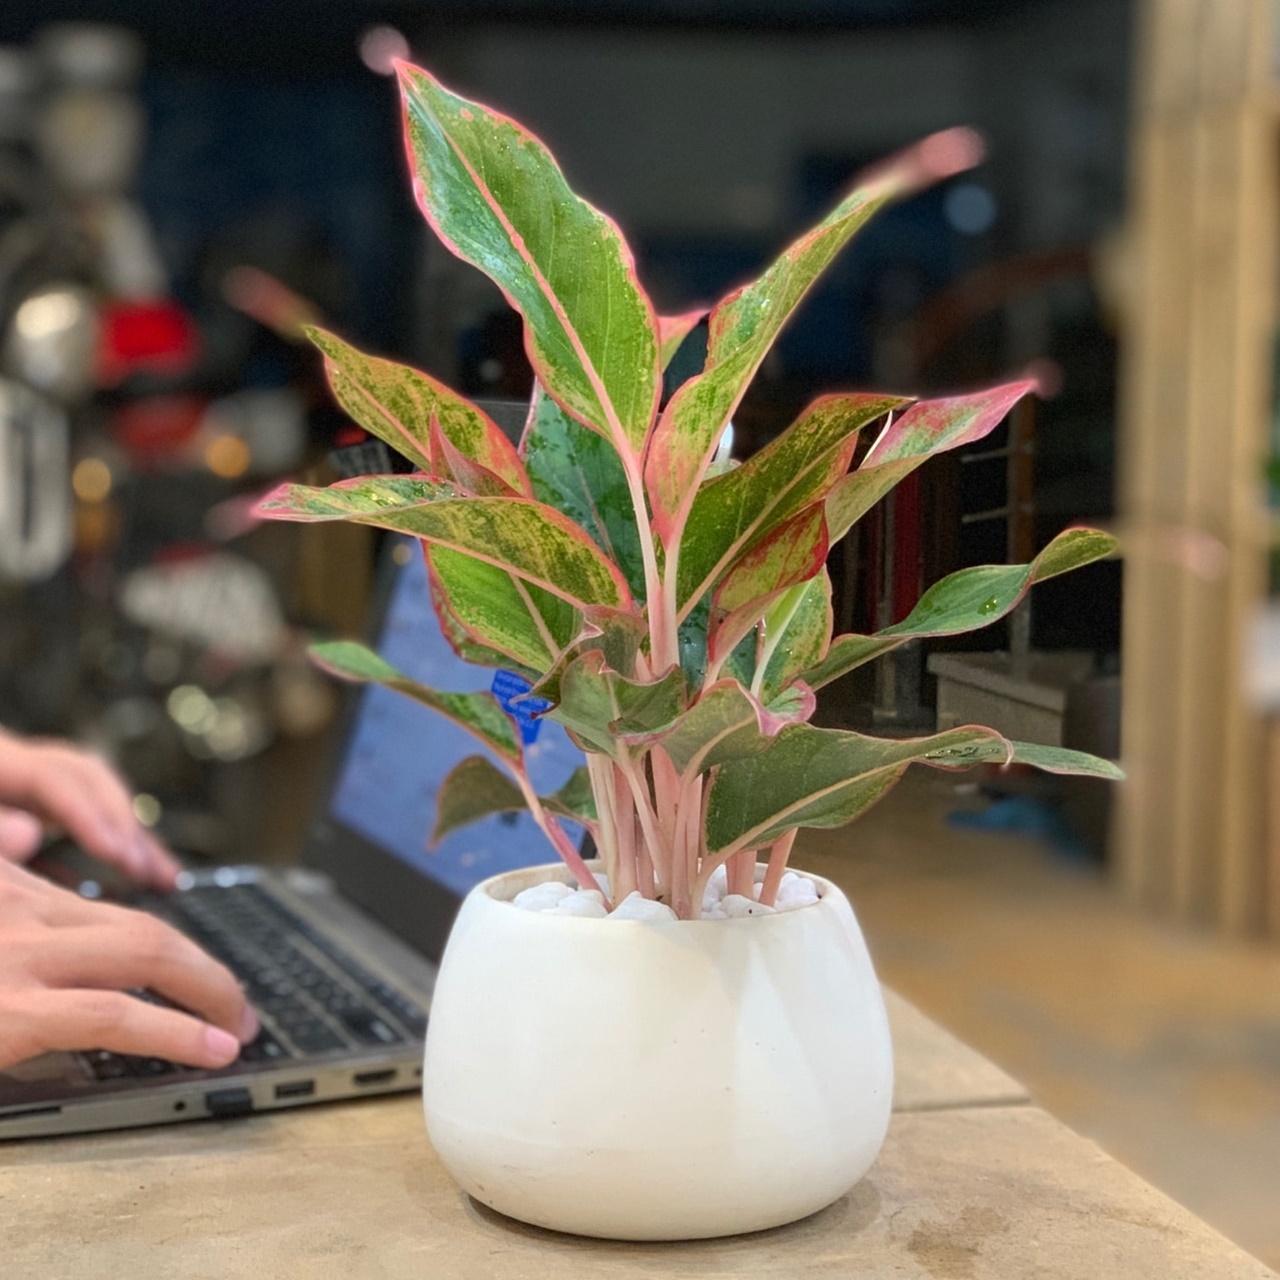 bài trí cây phú quý trên bàn làm việc cho người mệnh hỏa